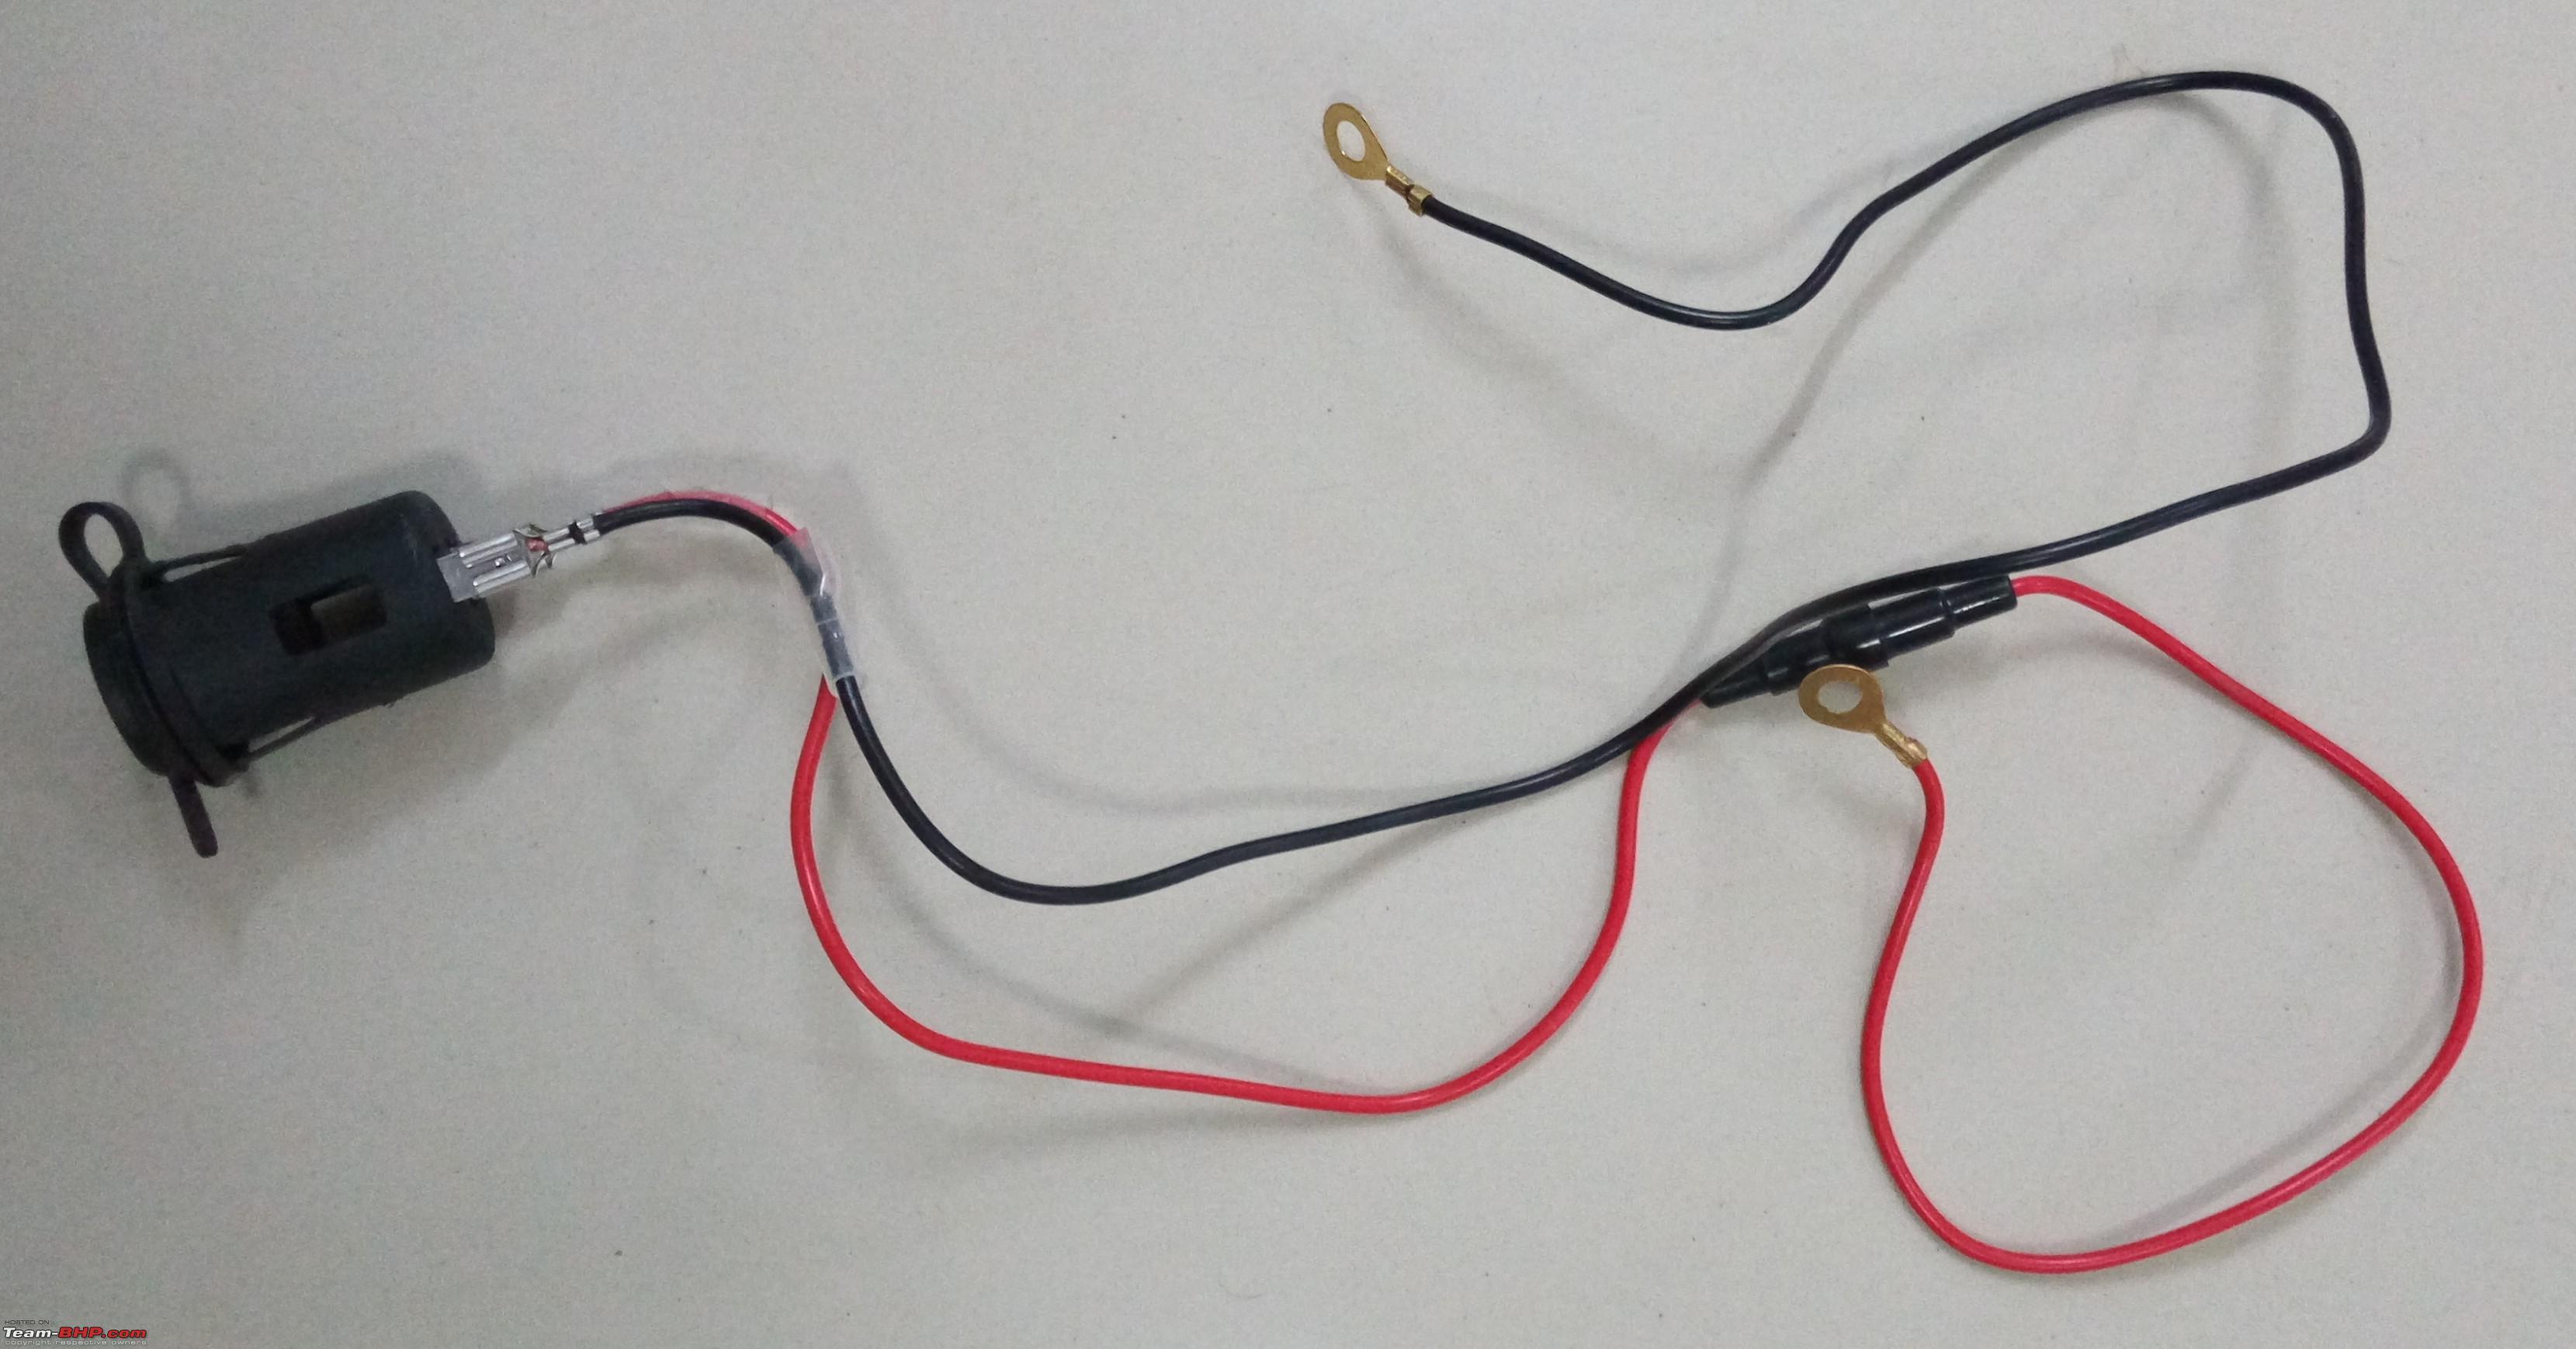 S Cross Diy Tpms 12v Socket Installation Team Bhp Cigurate Lighter Wiring Diagram 2006 Gto